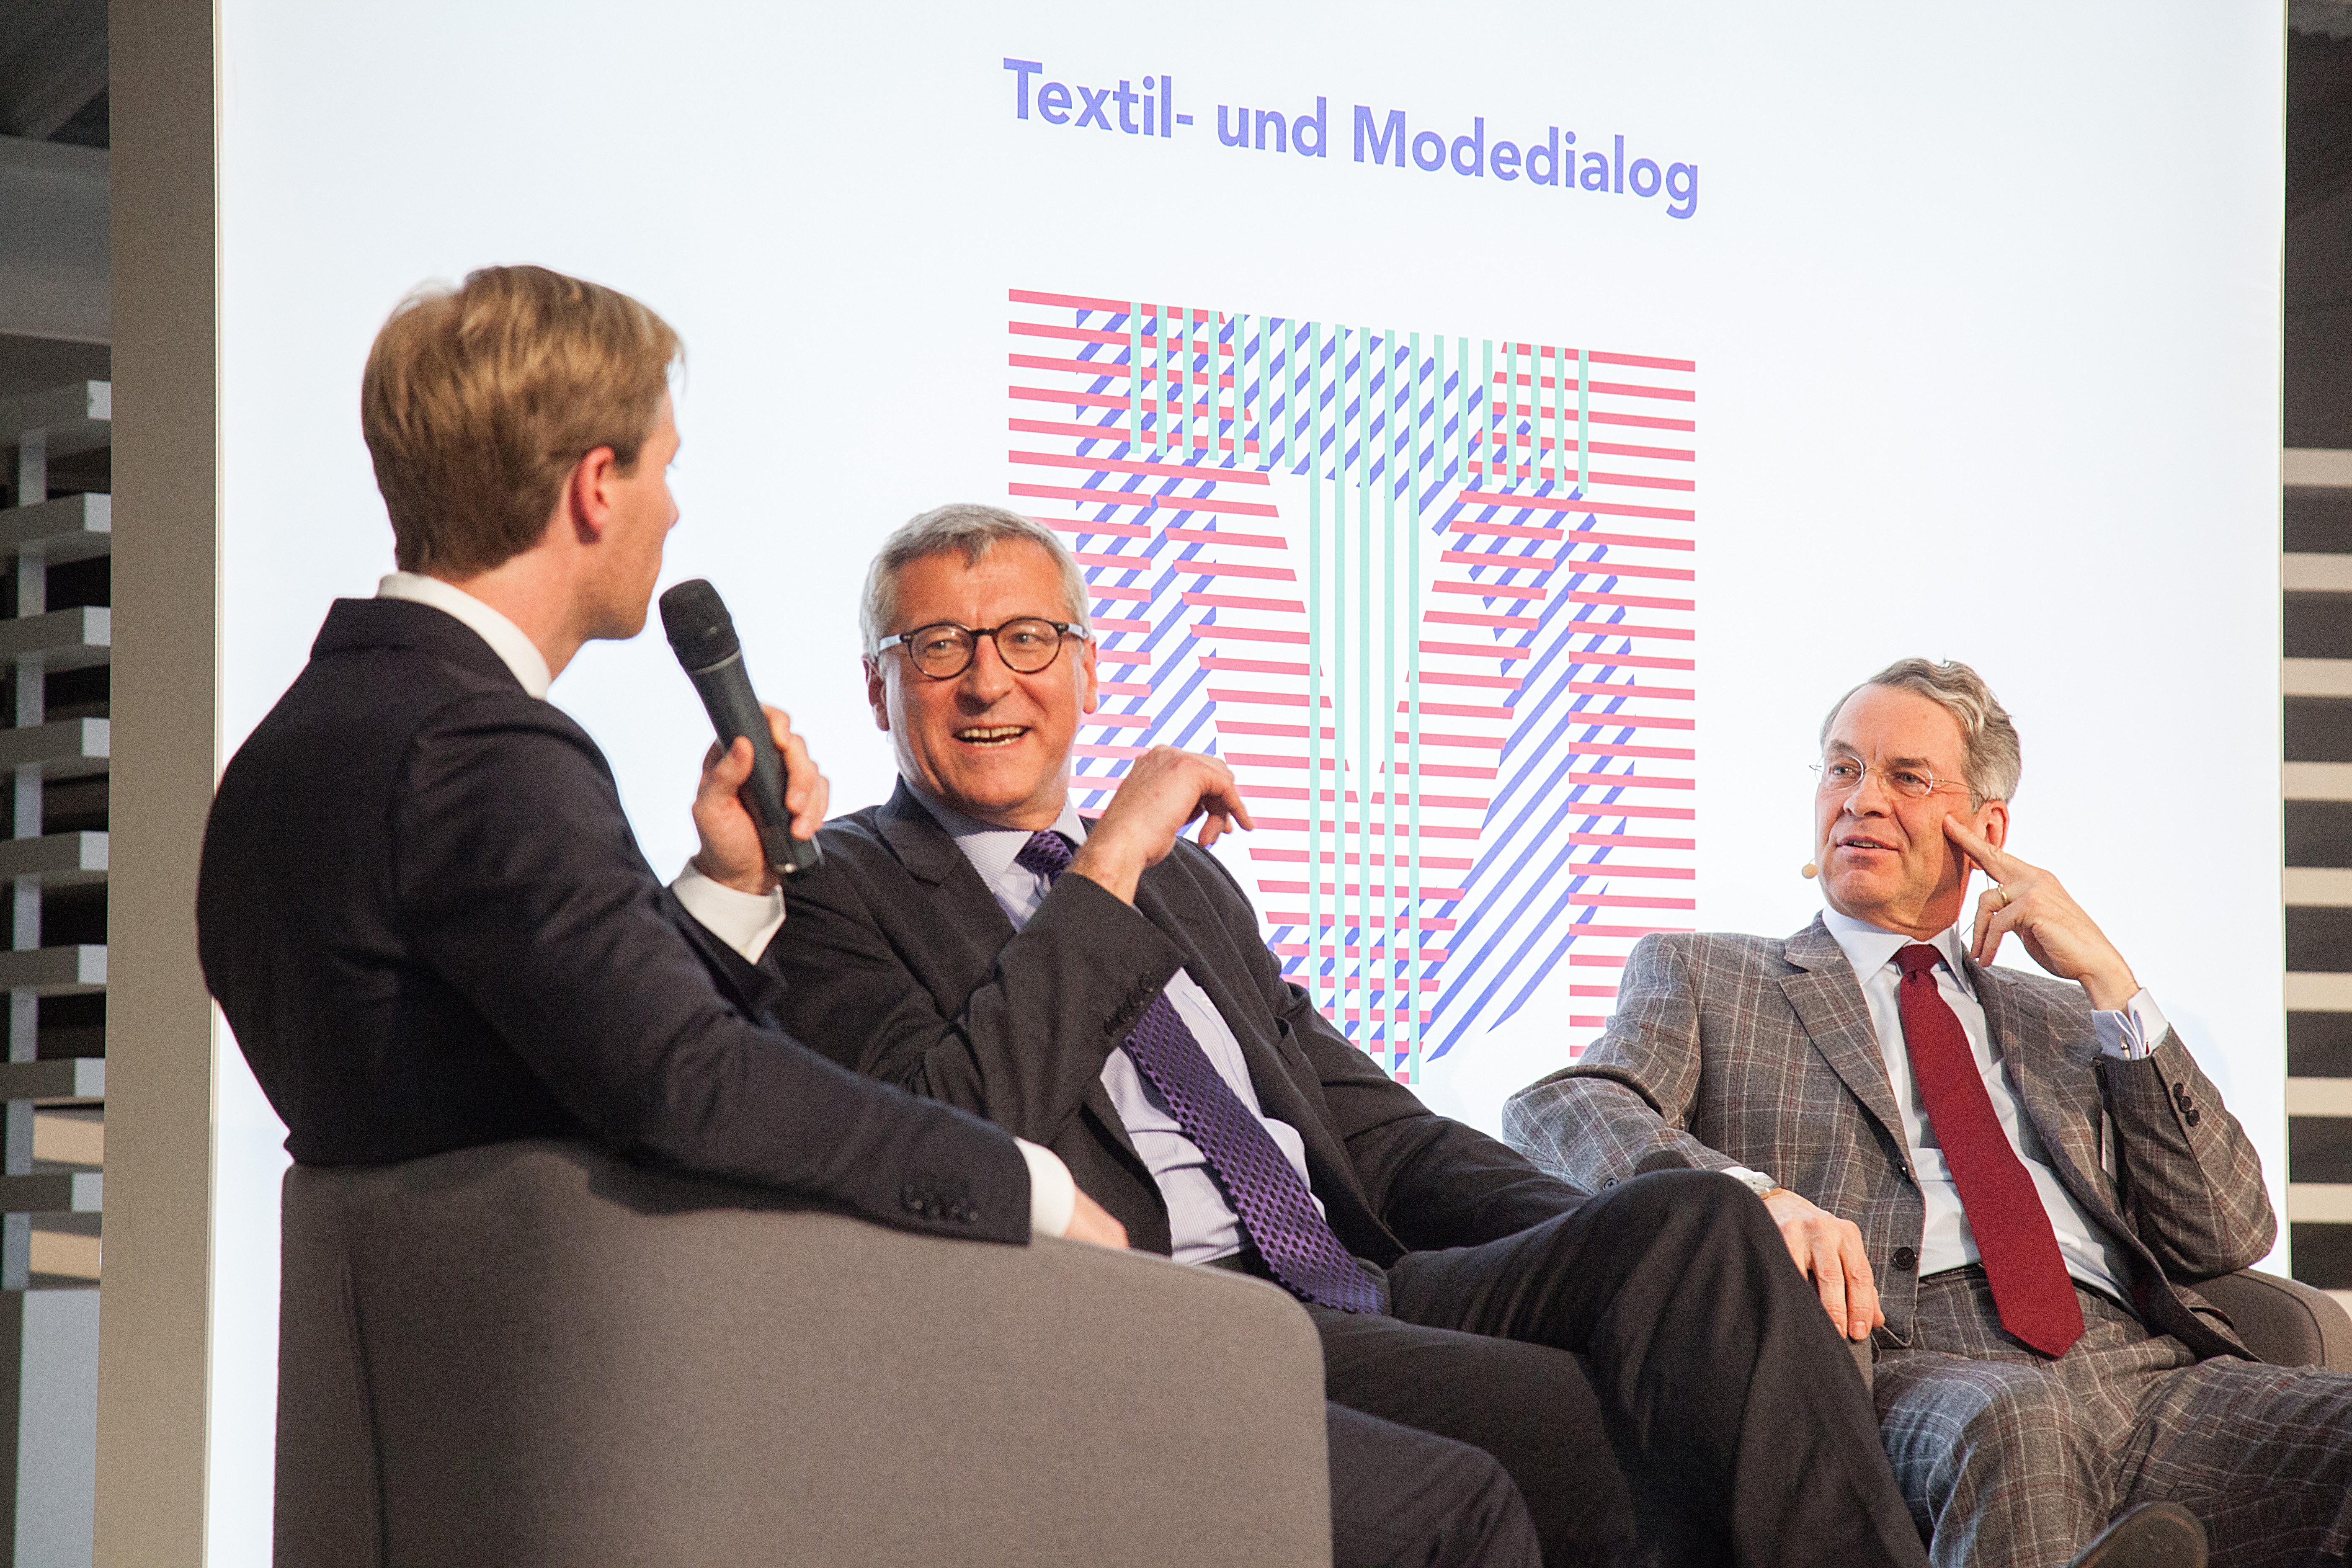 Textil und Mode - PolitFashionShow am 17. Januar 2018, in Berlin ©VERBAND DER BAYERISCHEN TEXTIL- UND BEKLEIDUNGSINDUSTRIE E. V.